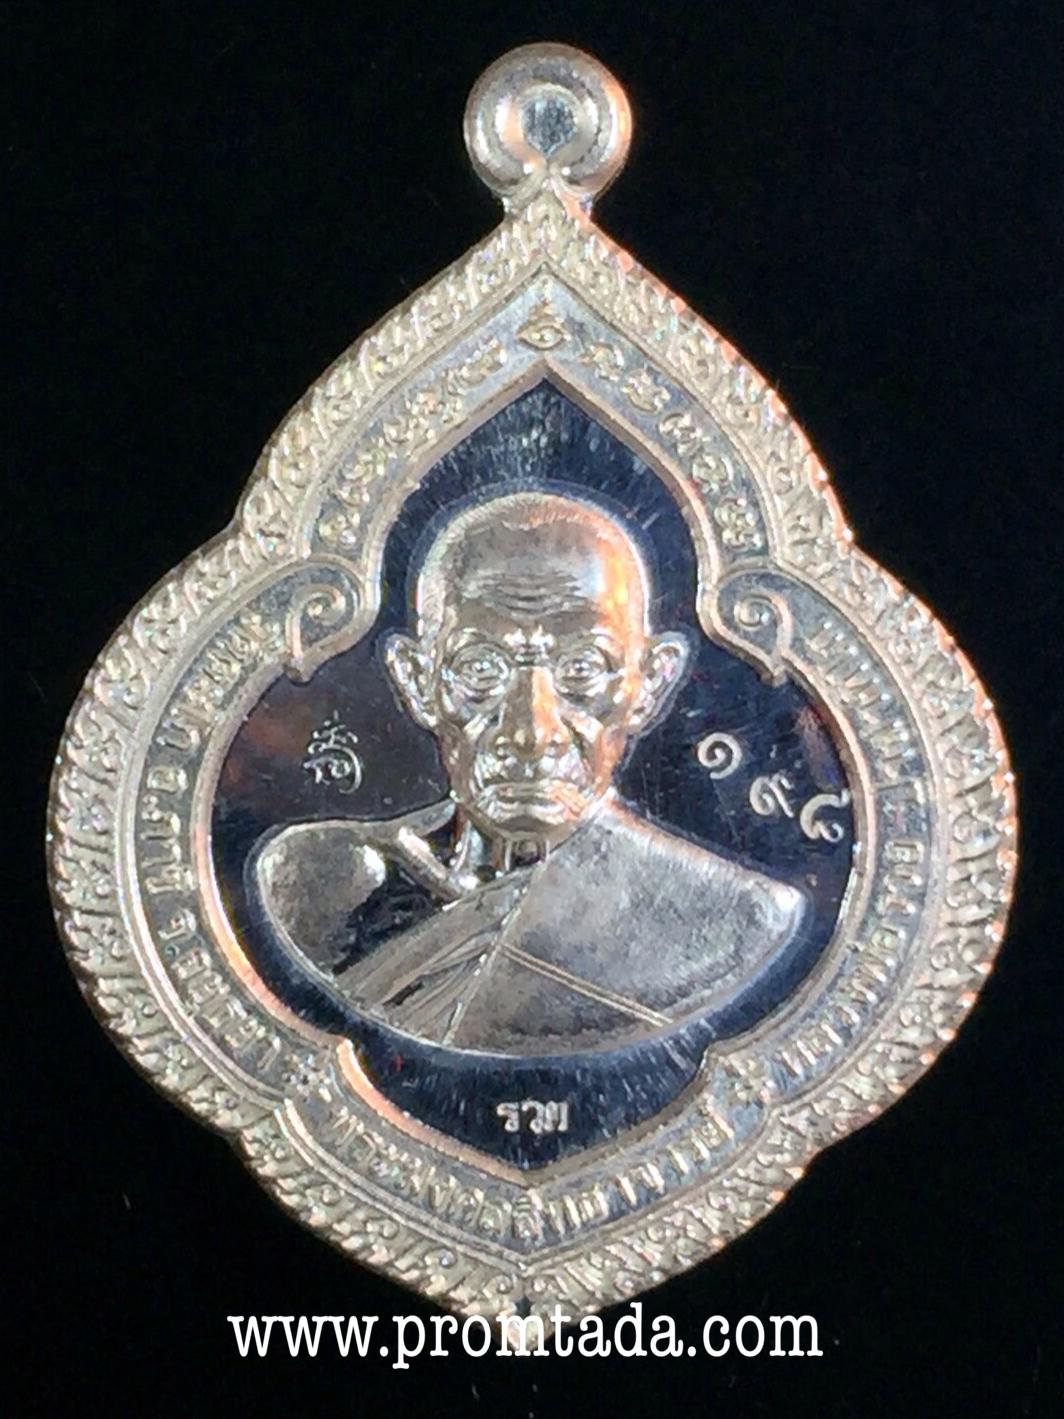 เหรียญพิมพ์พุ่มข้าวบิณฑ์ เนื้อเงิน หลวงพ่อรวย ปาสาทิโก